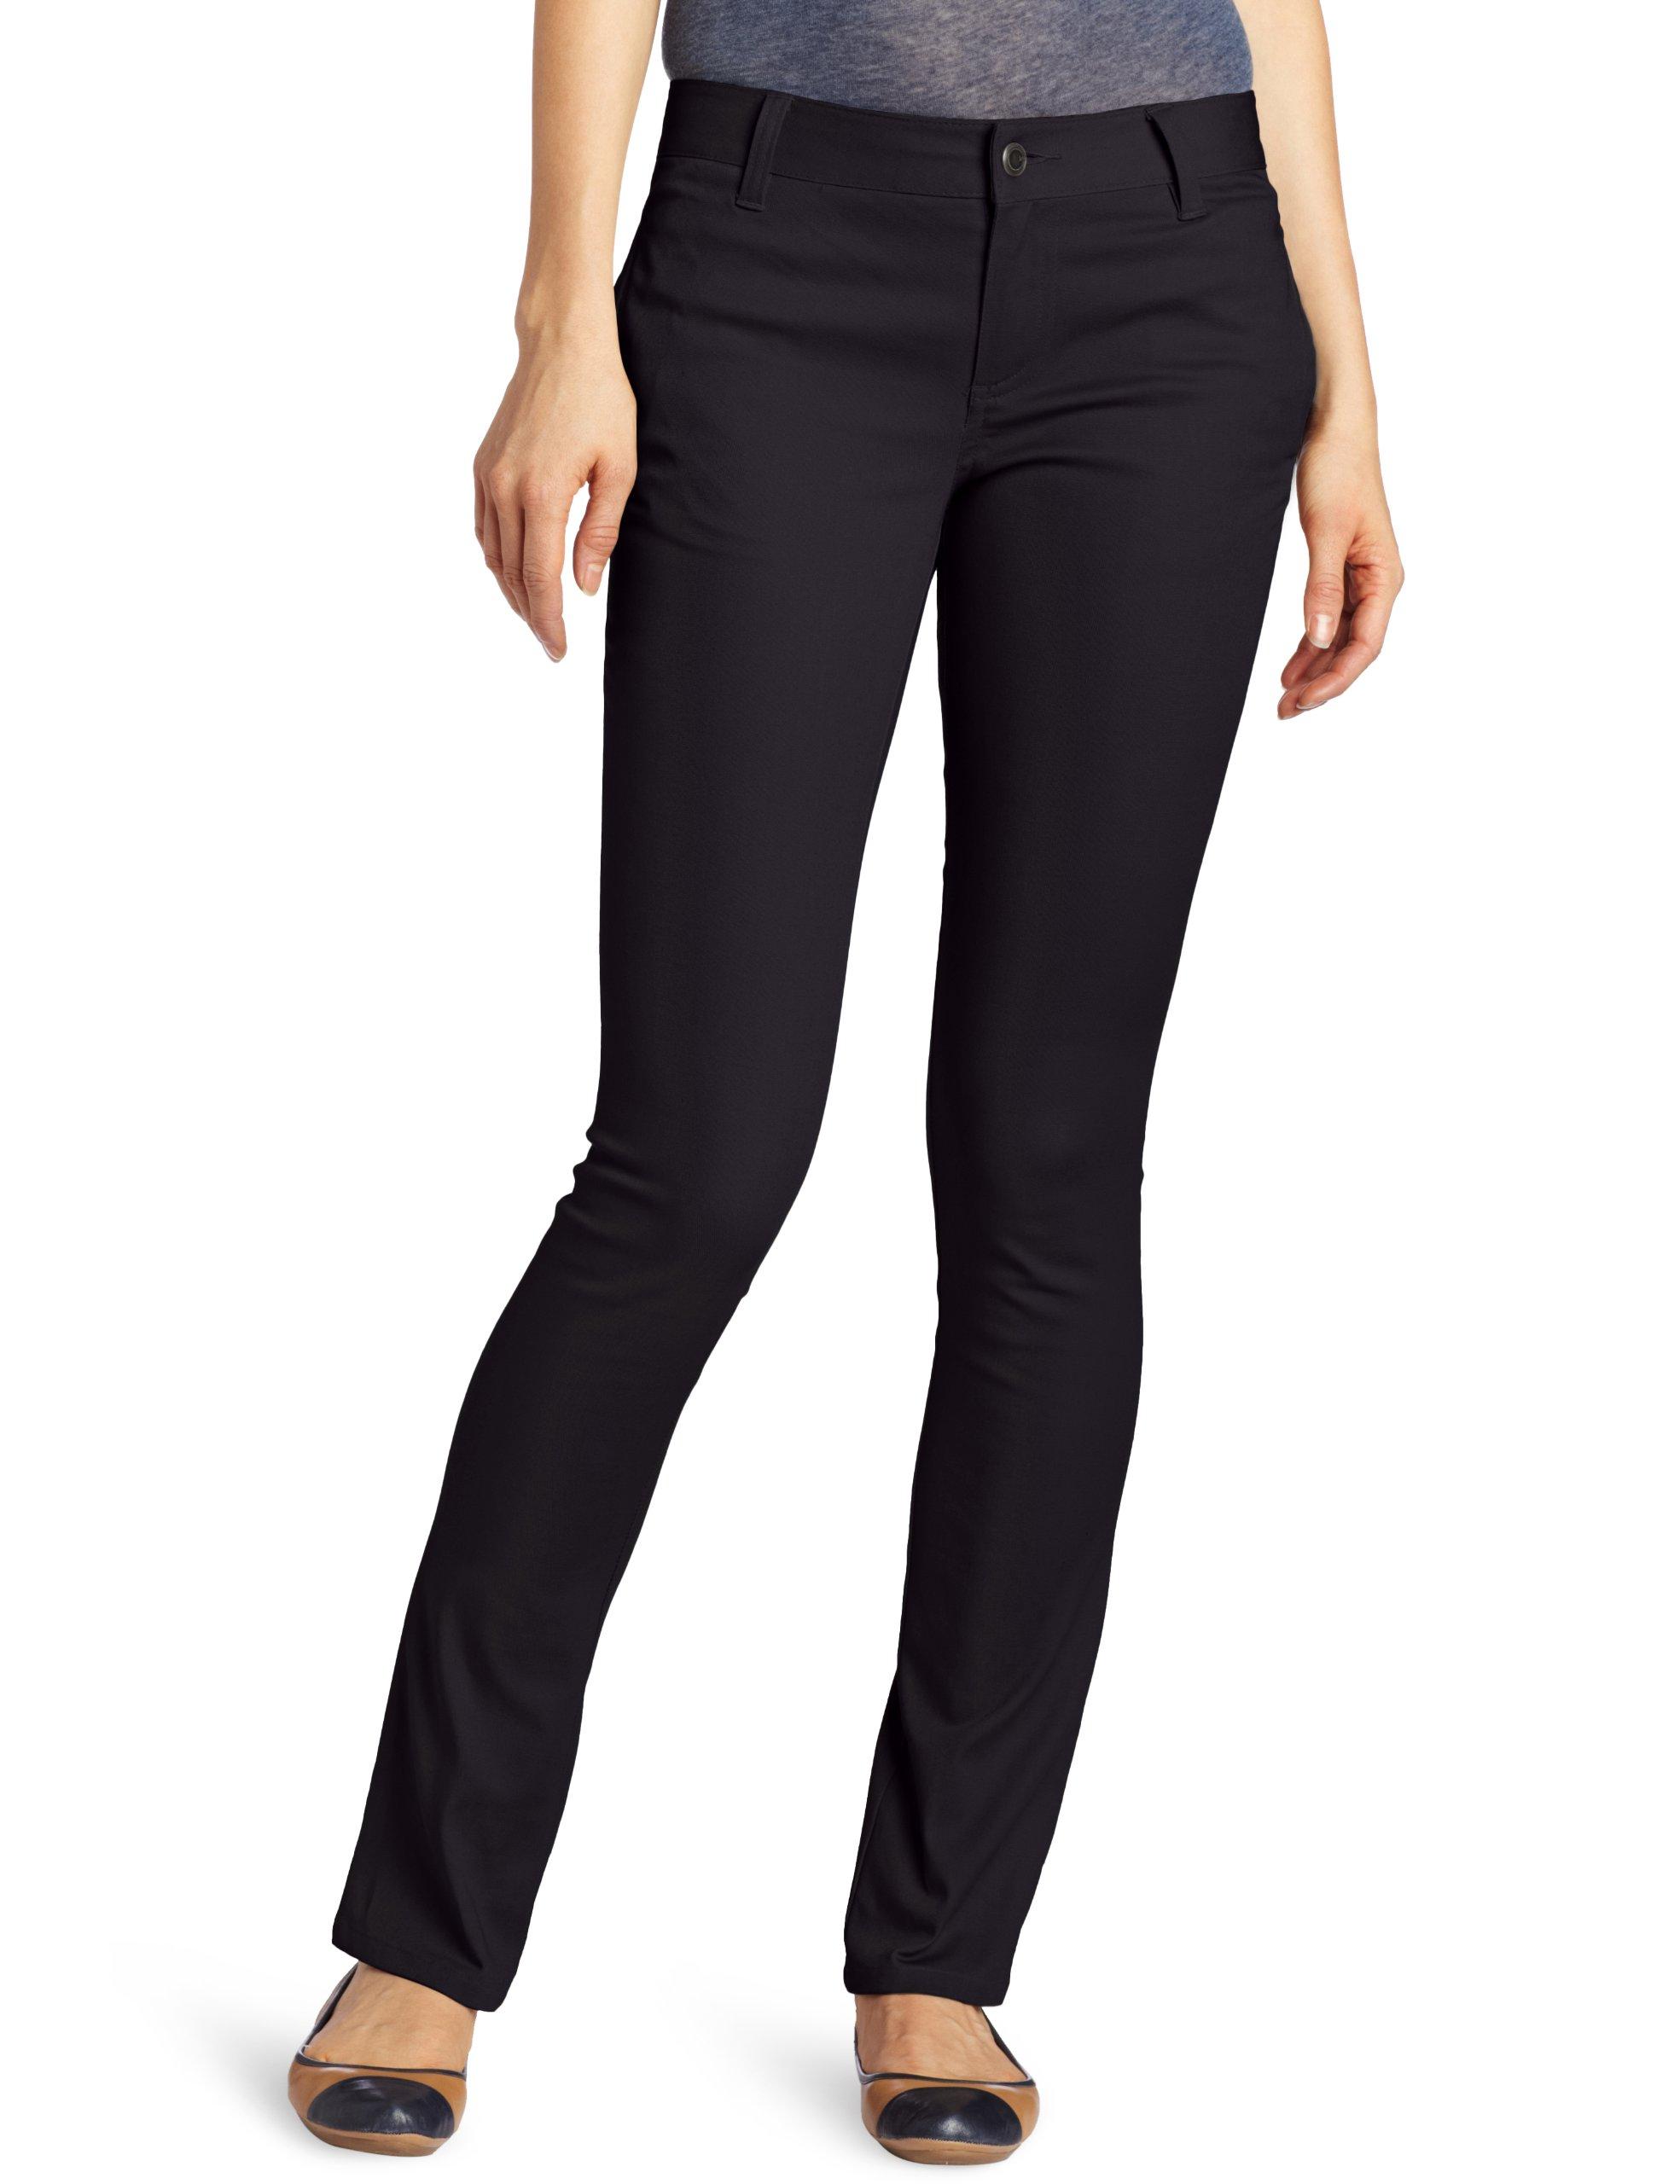 LEE Uniforms Juniors Original Skinny Leg Pant, Black, 15